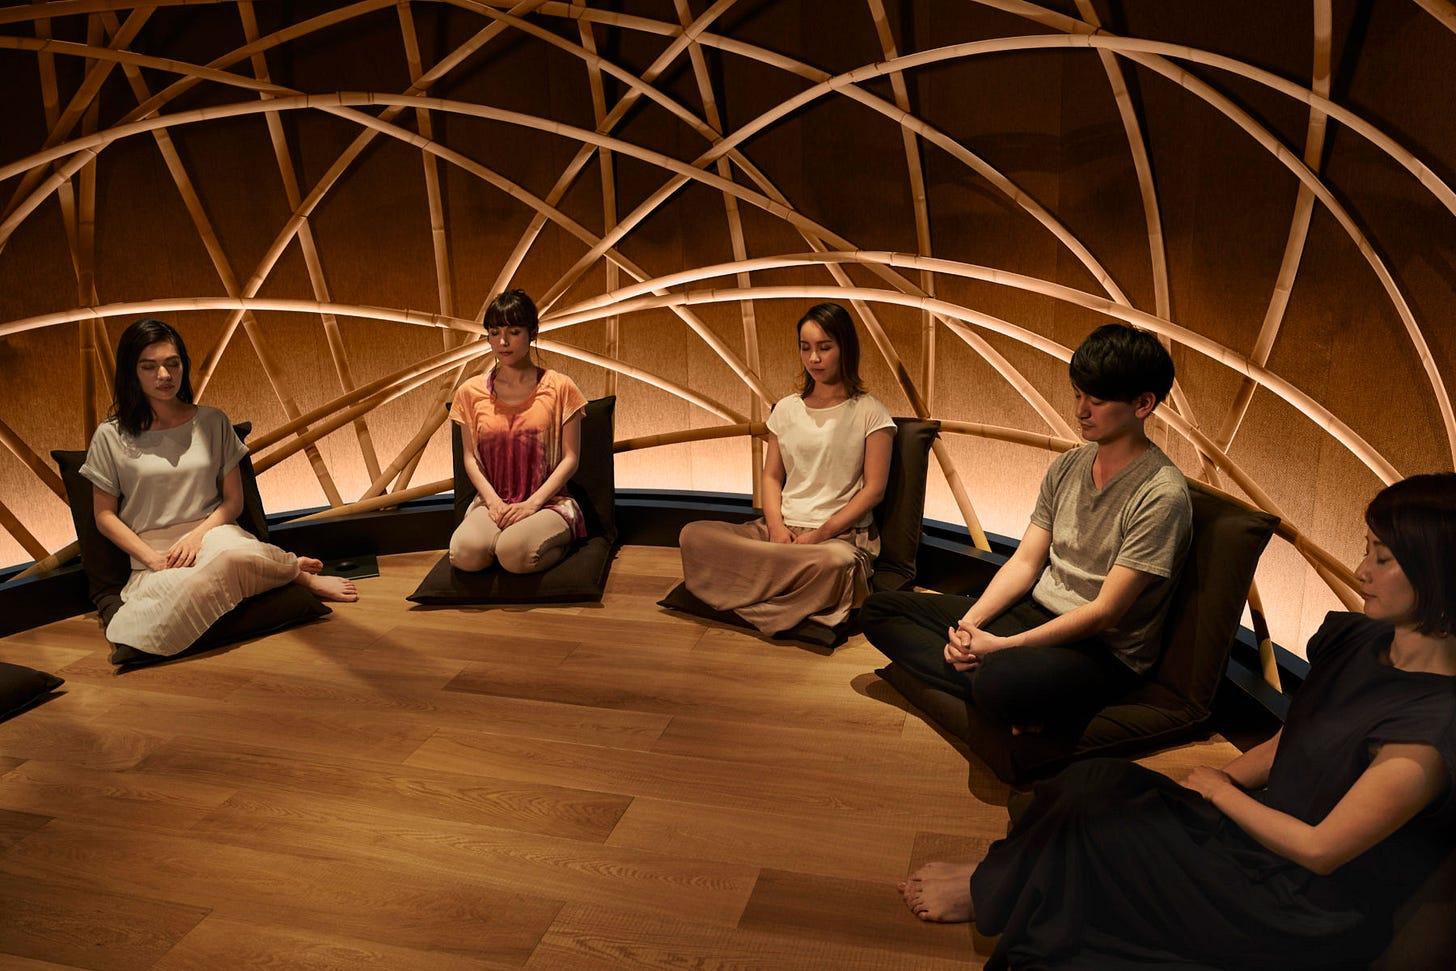 お茶・音・光・香りを融合させたメディテーションスタジオ「メディーチャ」 2019年6月、東京・青山にオープン | NewTitle